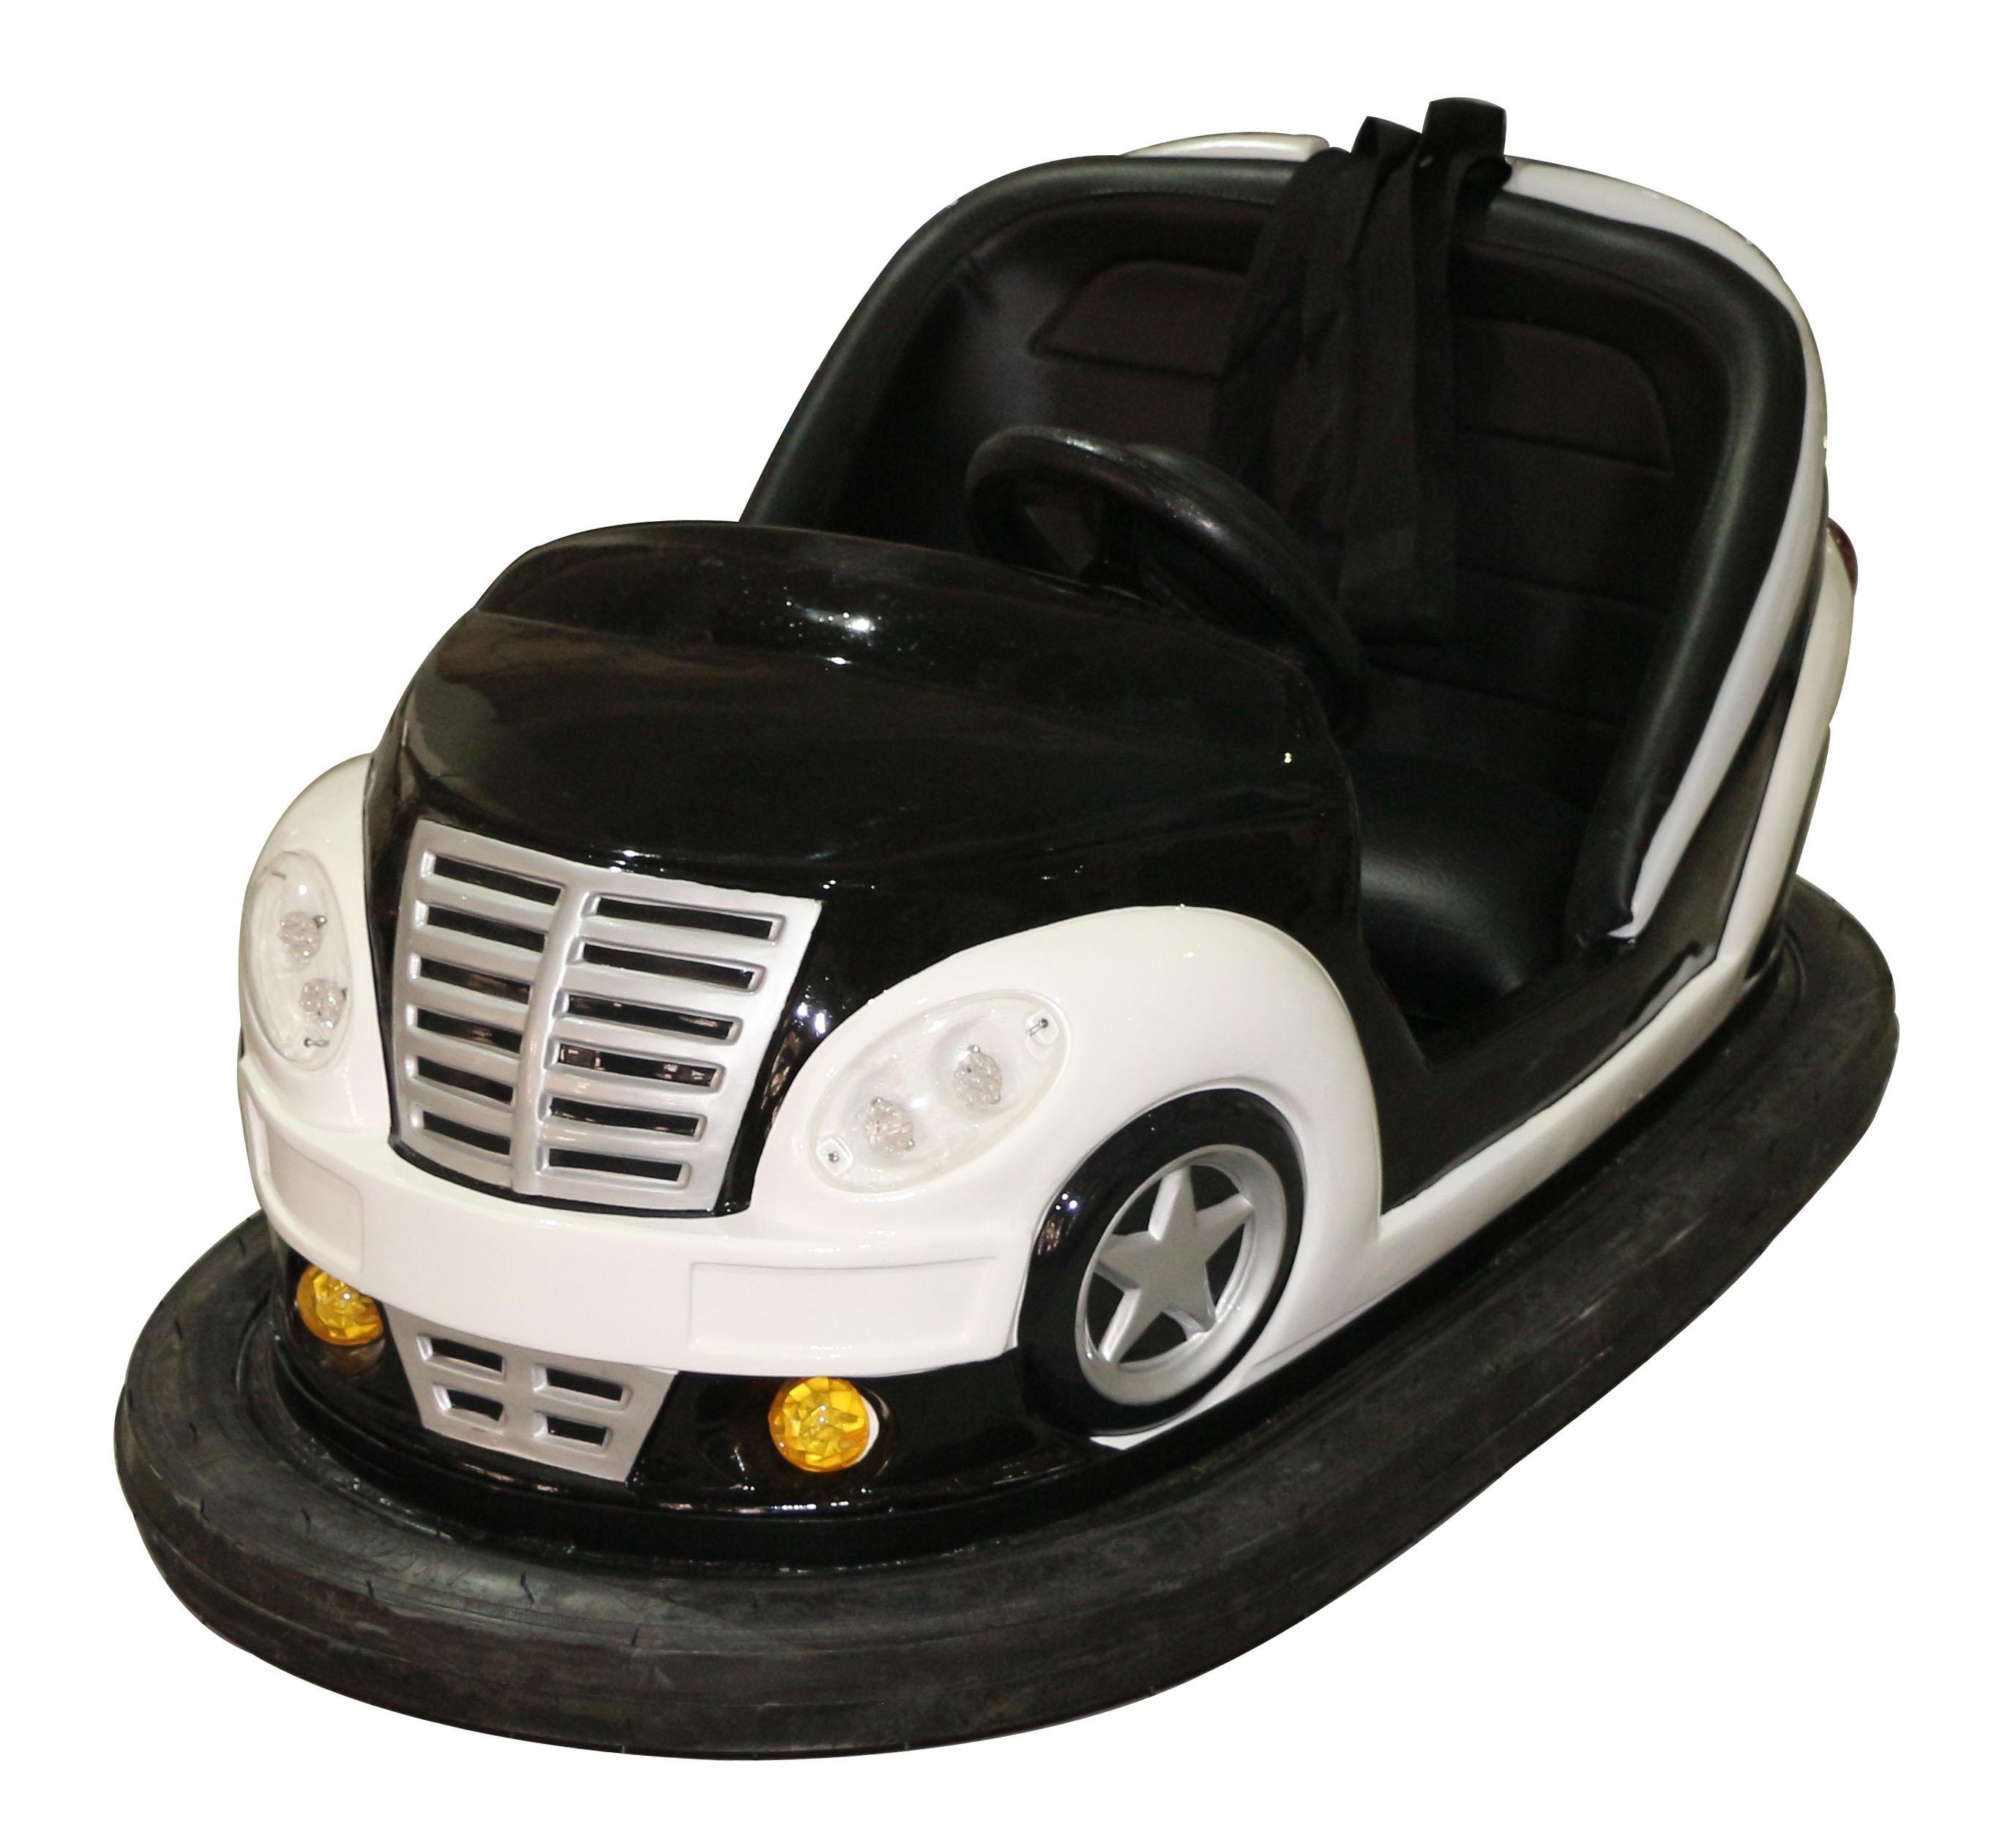 儿童电池车 PPC302D